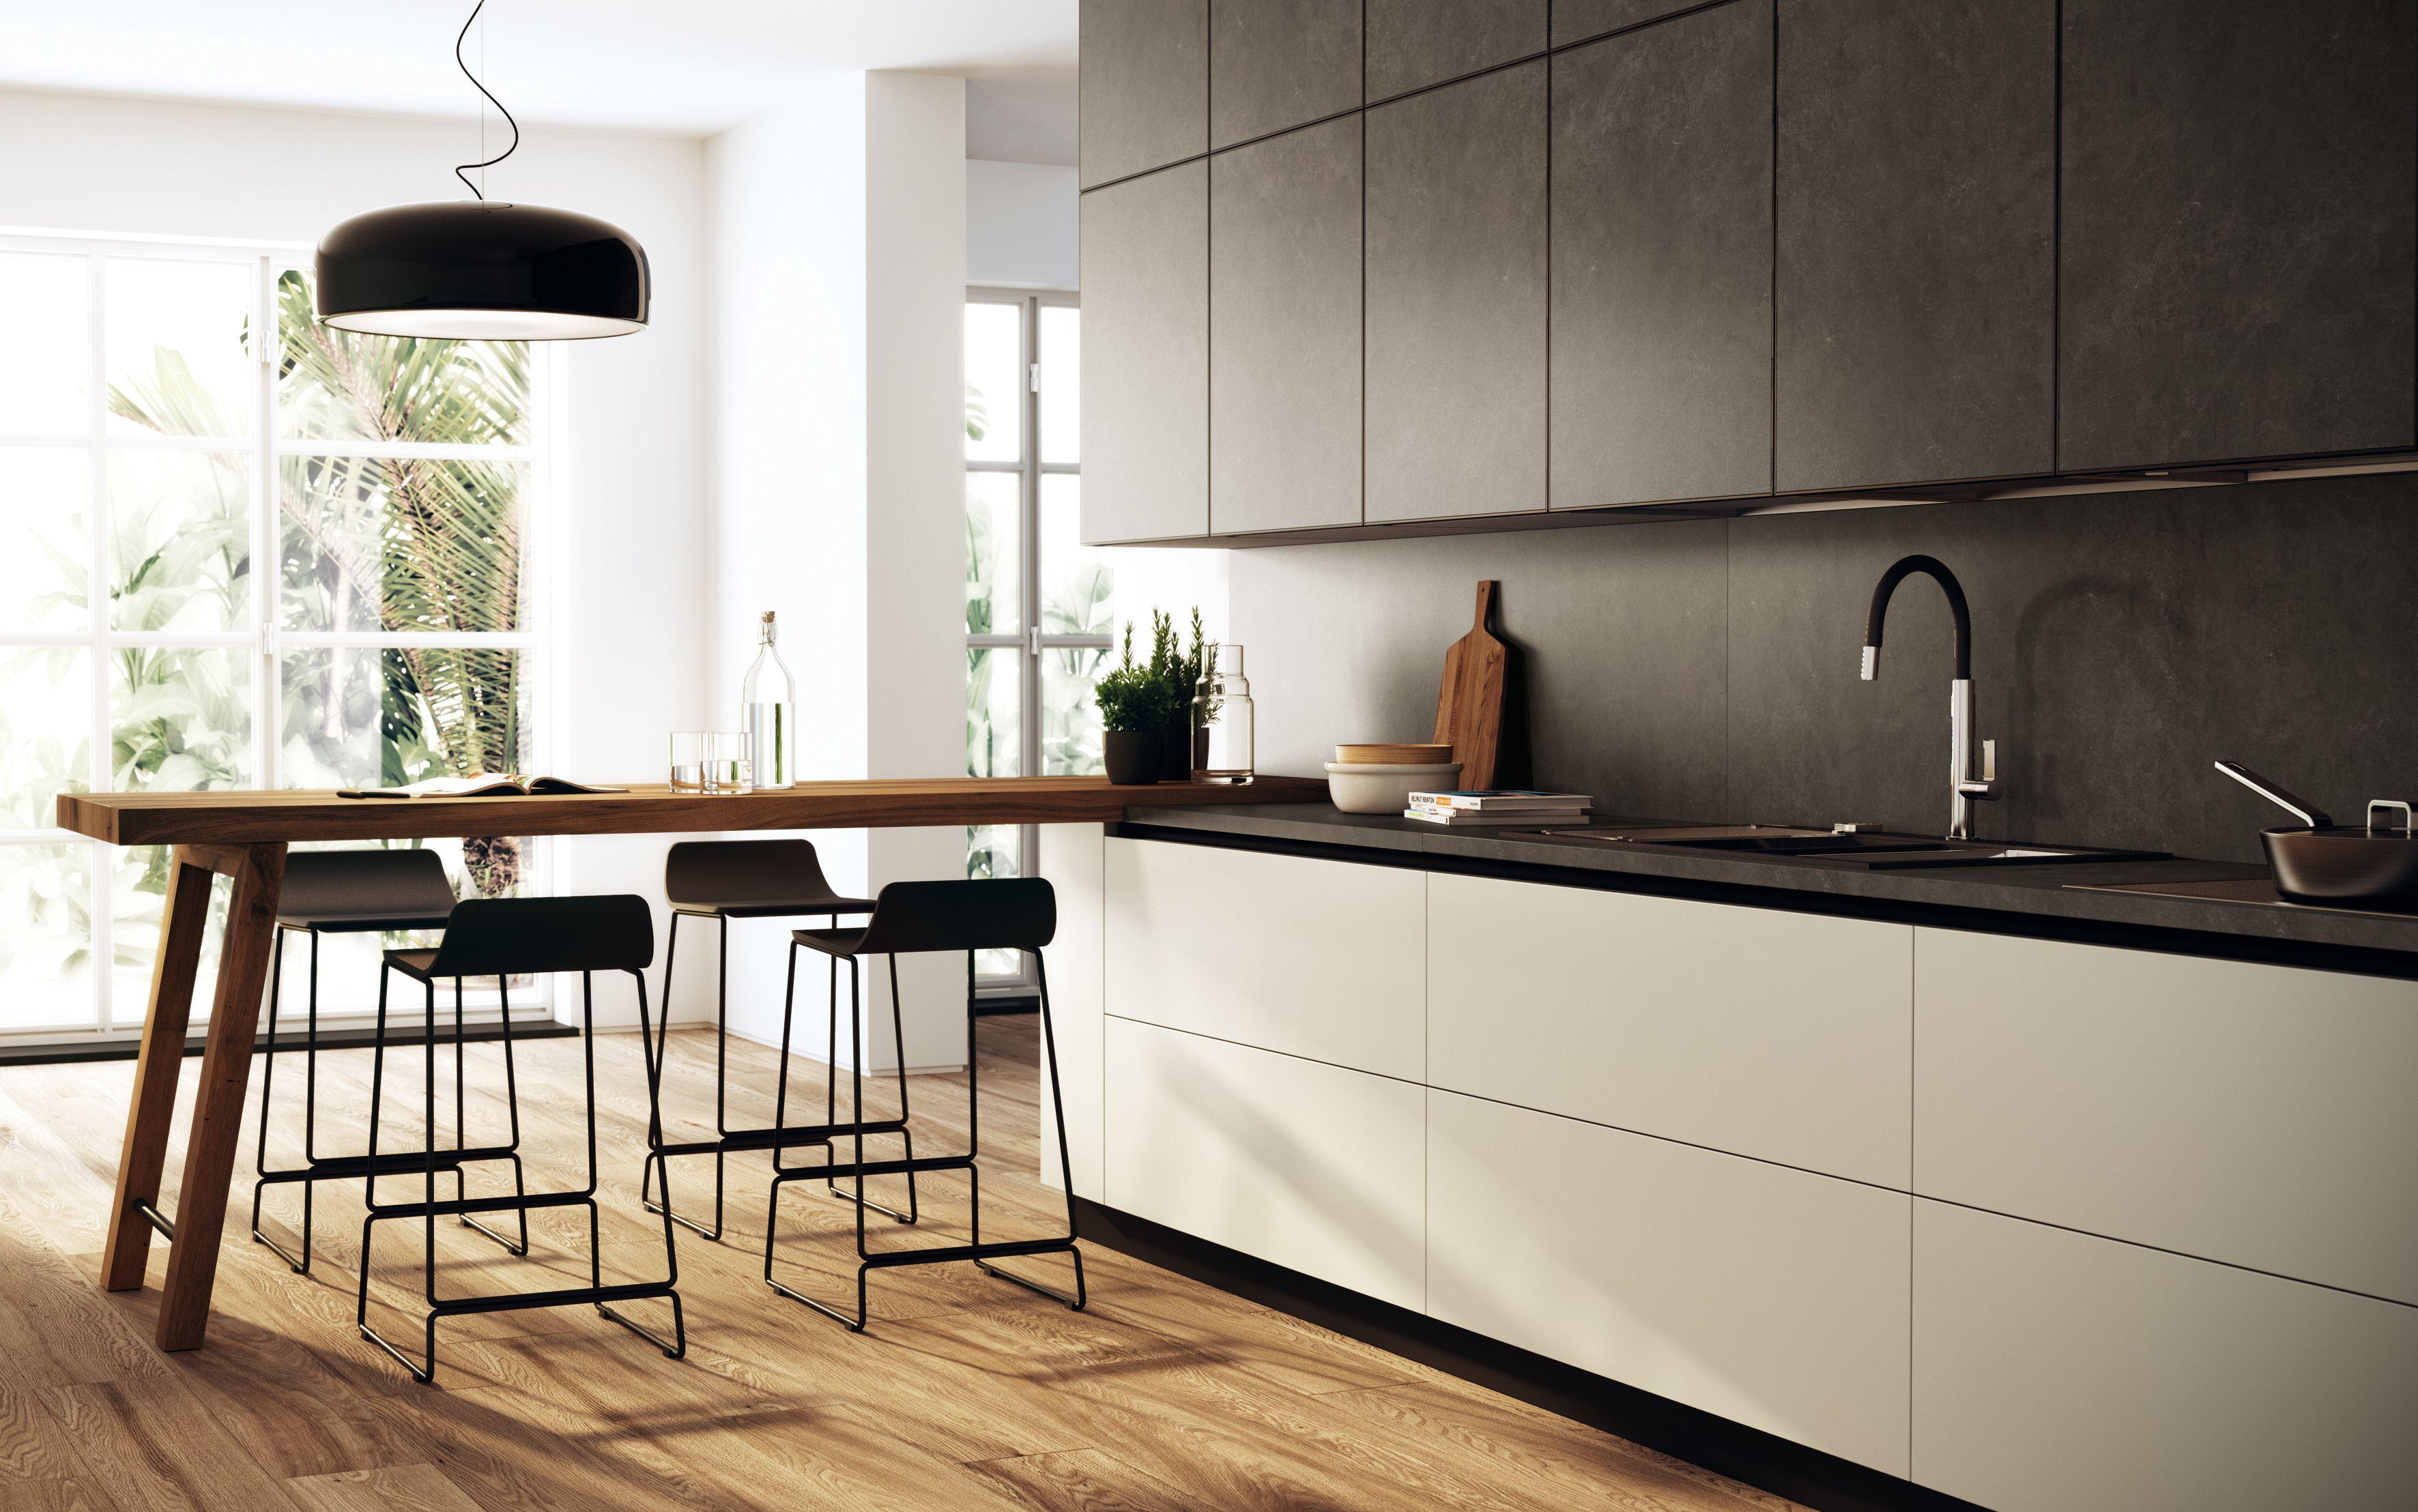 Nuovi materiali per il design di cucine new materials for for Materiali per il design